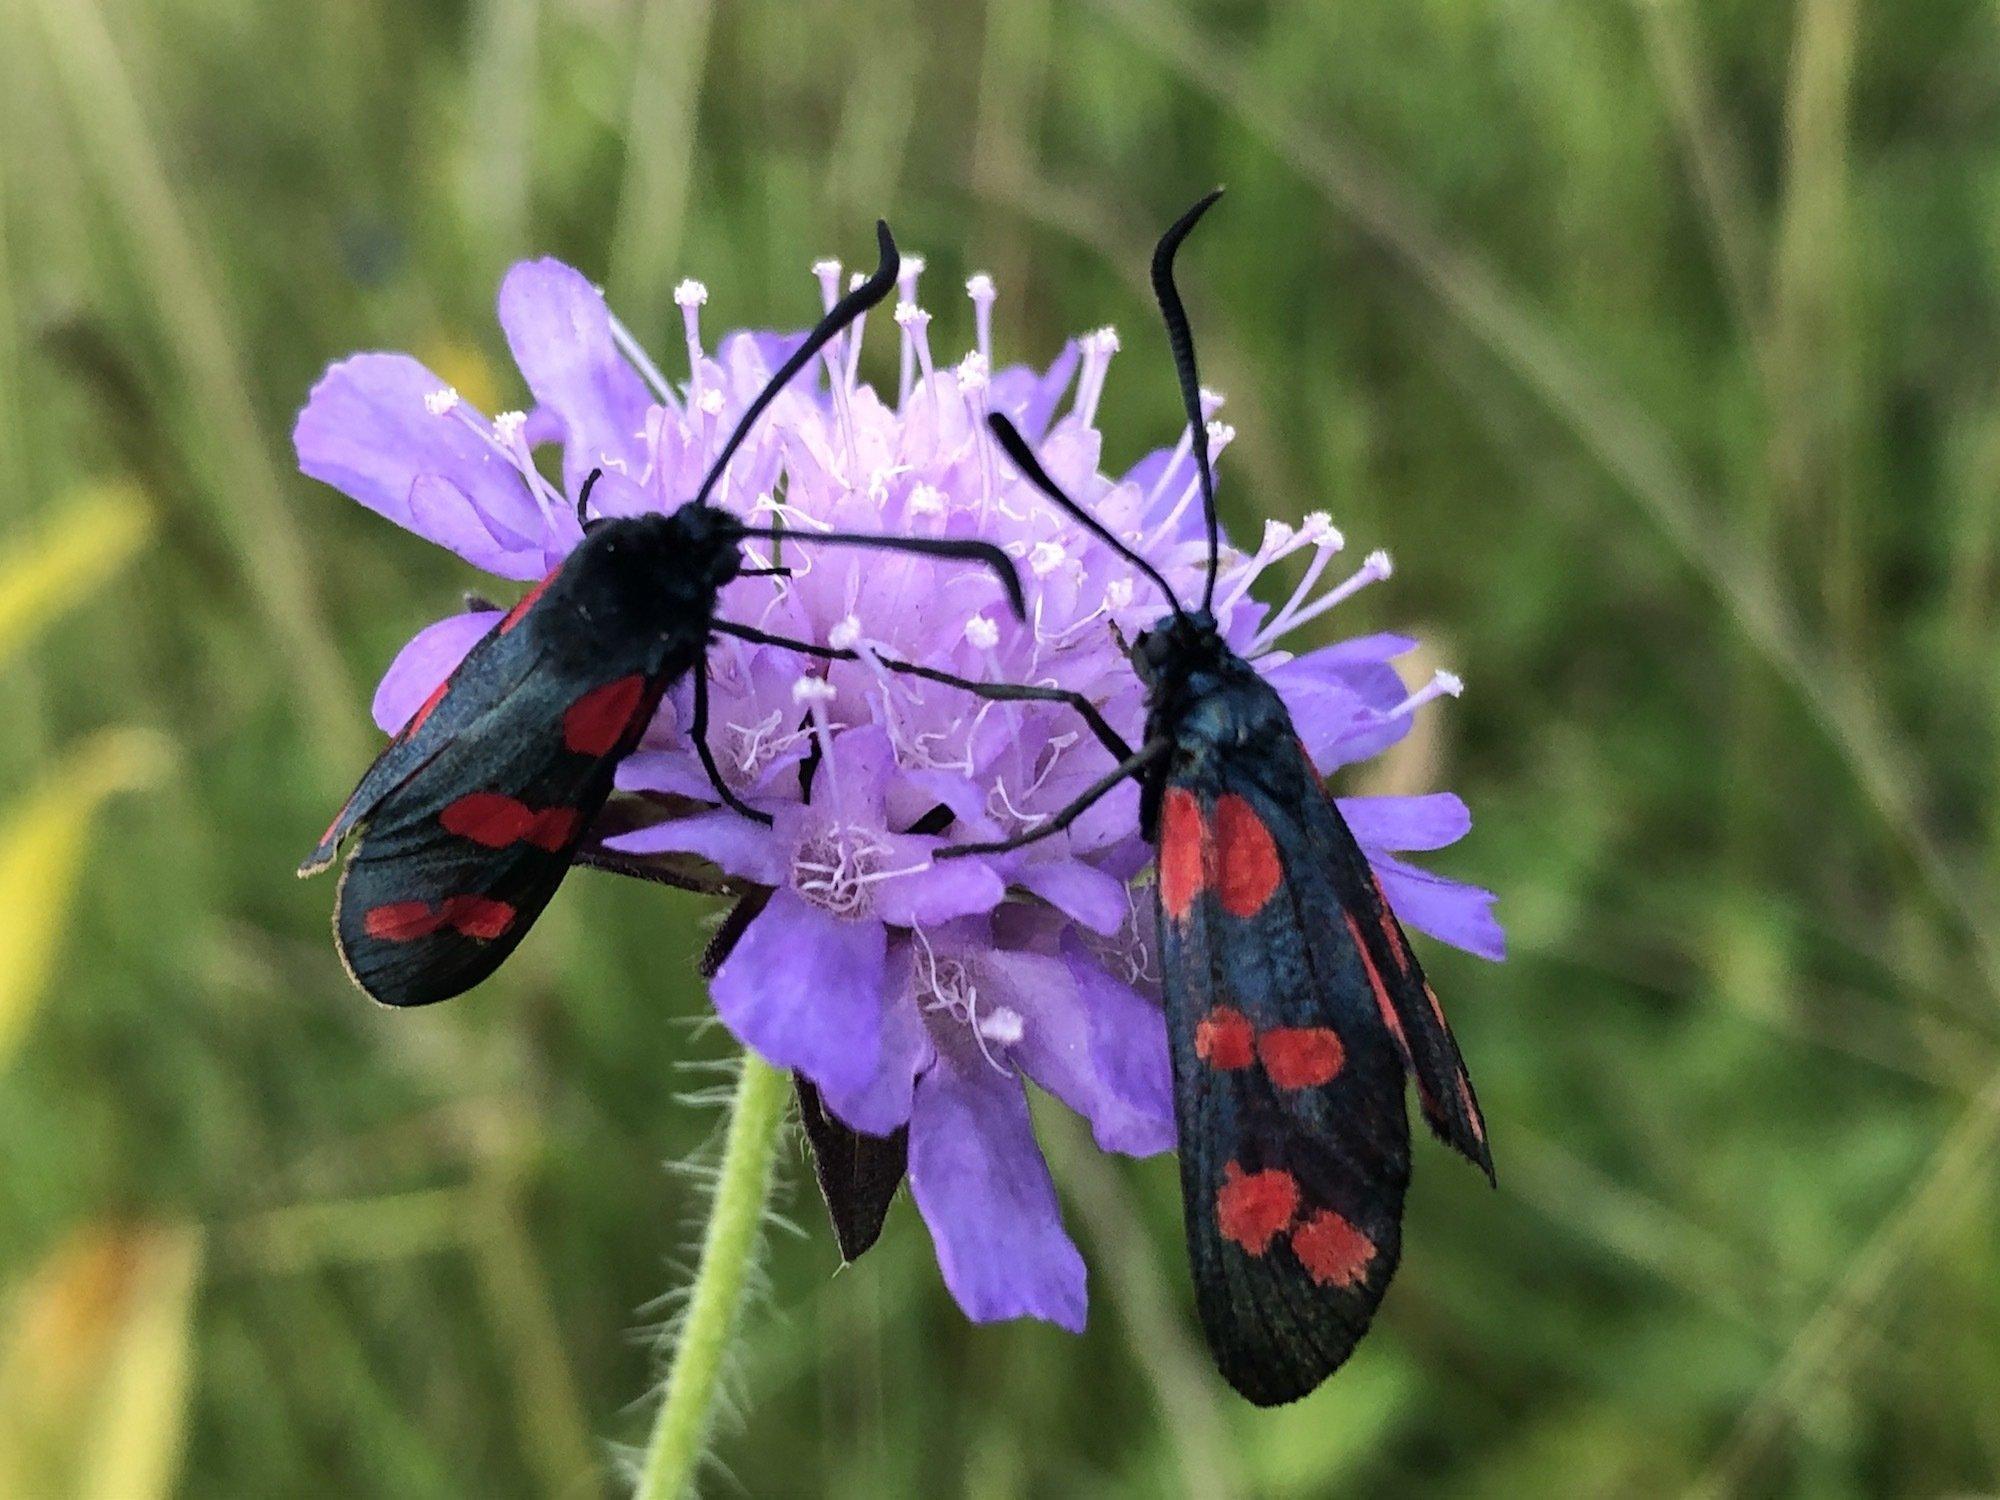 Das Bild zeigt zwei Schmetterlinge aus der Gruppe der Widderchen auf einer Flockenblume.